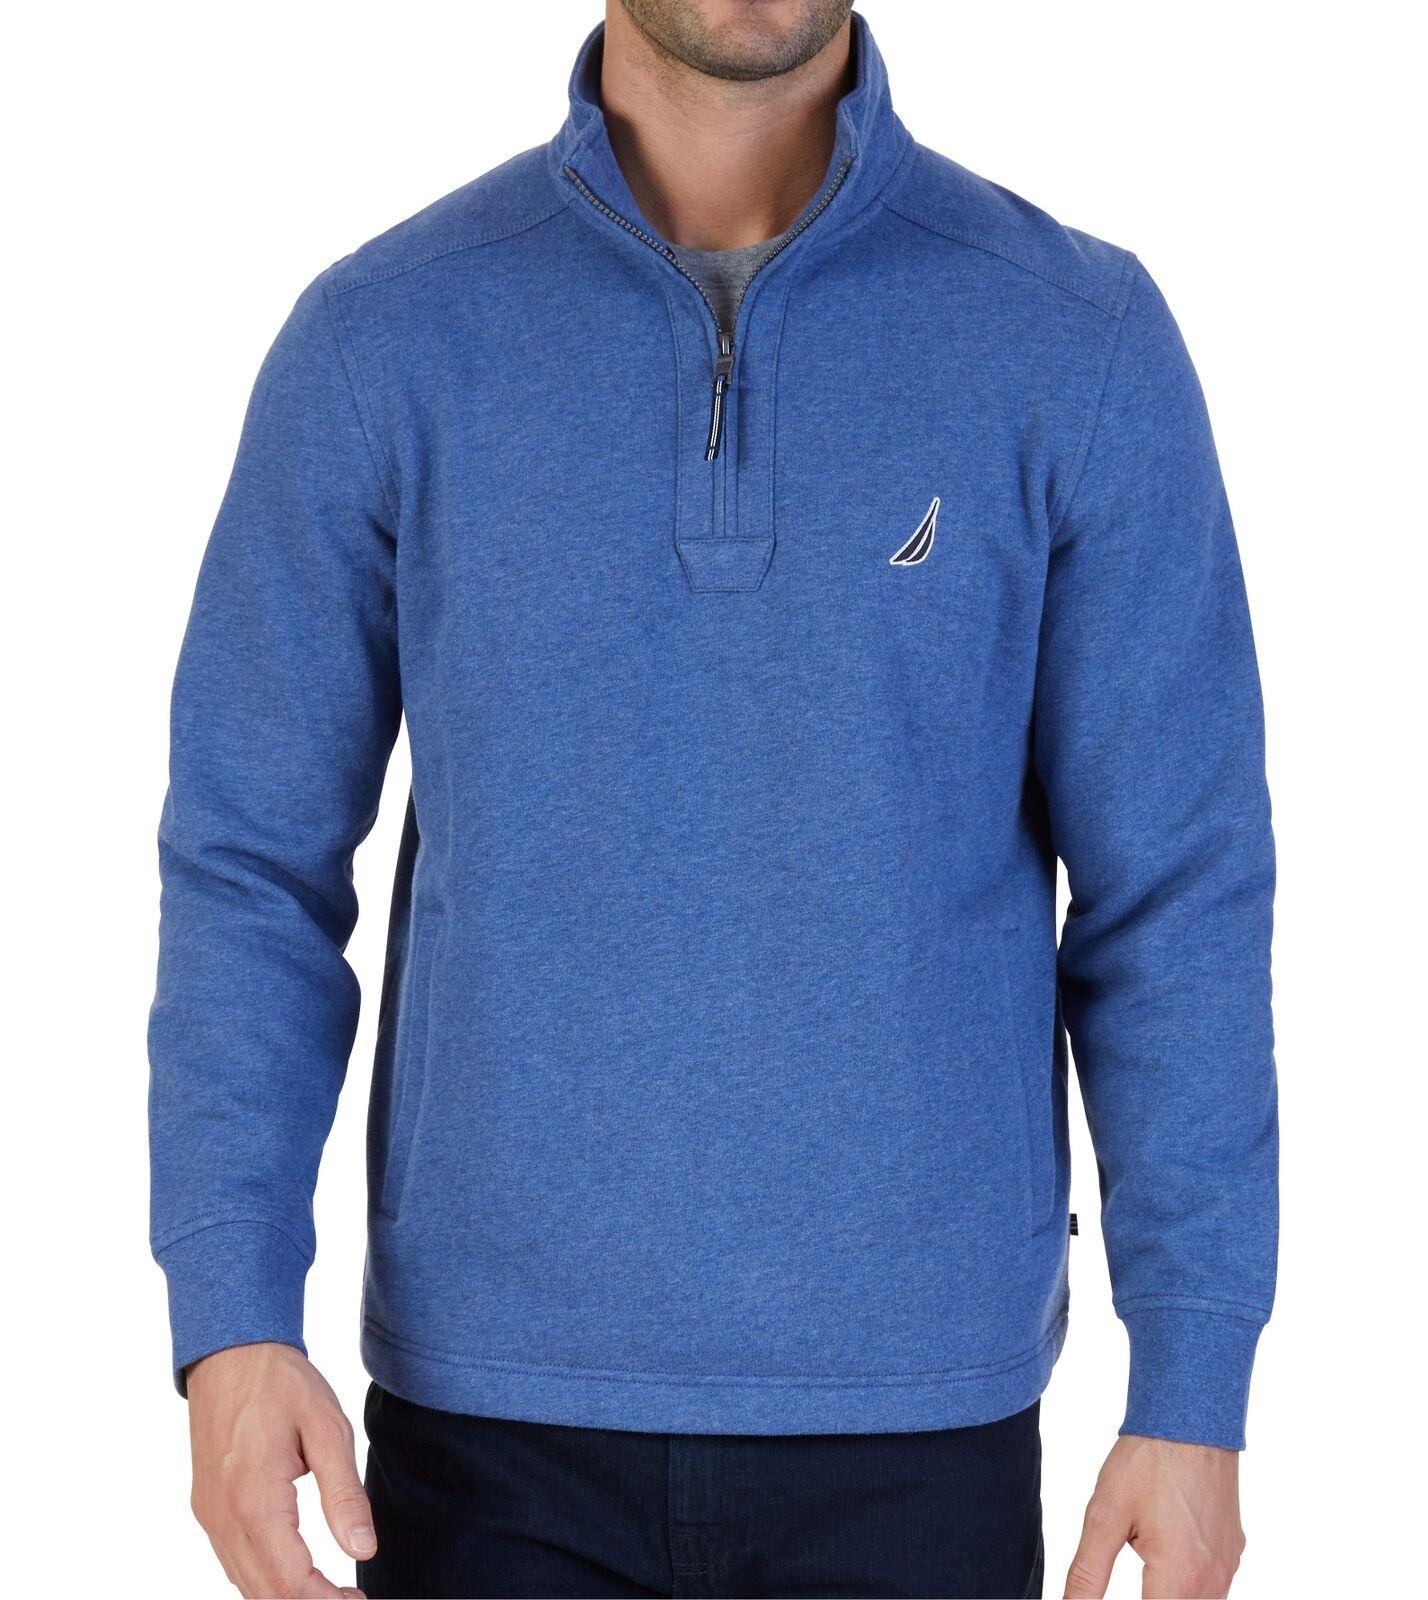 Nautica 1/4 Zip Sueded Fleece Pullover